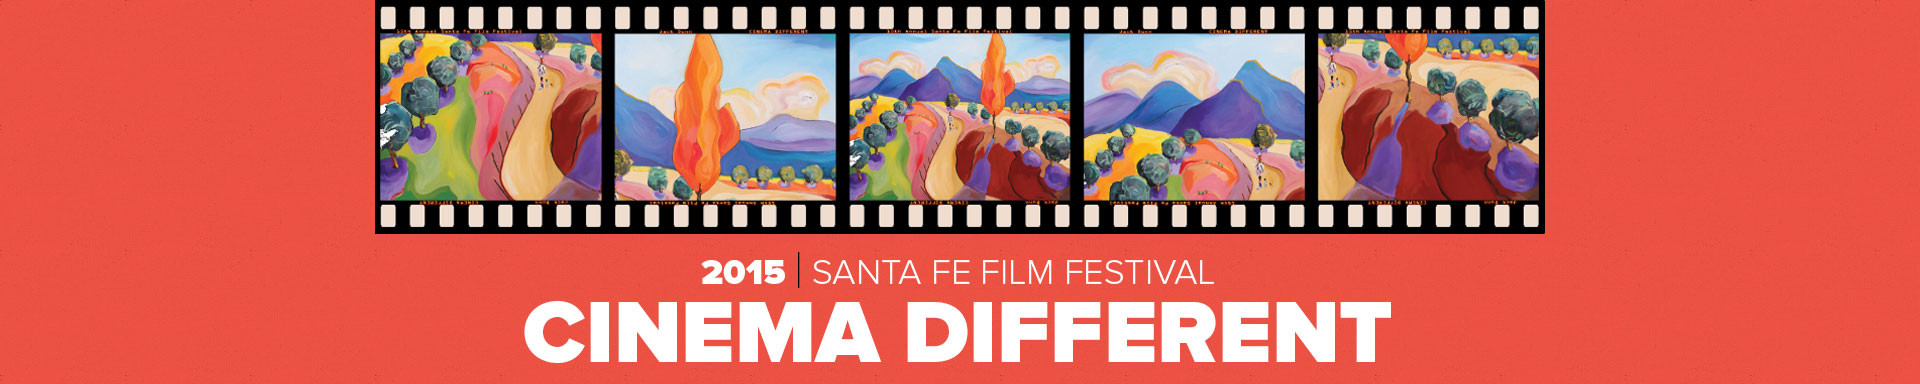 2015-santa-fe-film-festival-header-1920x384